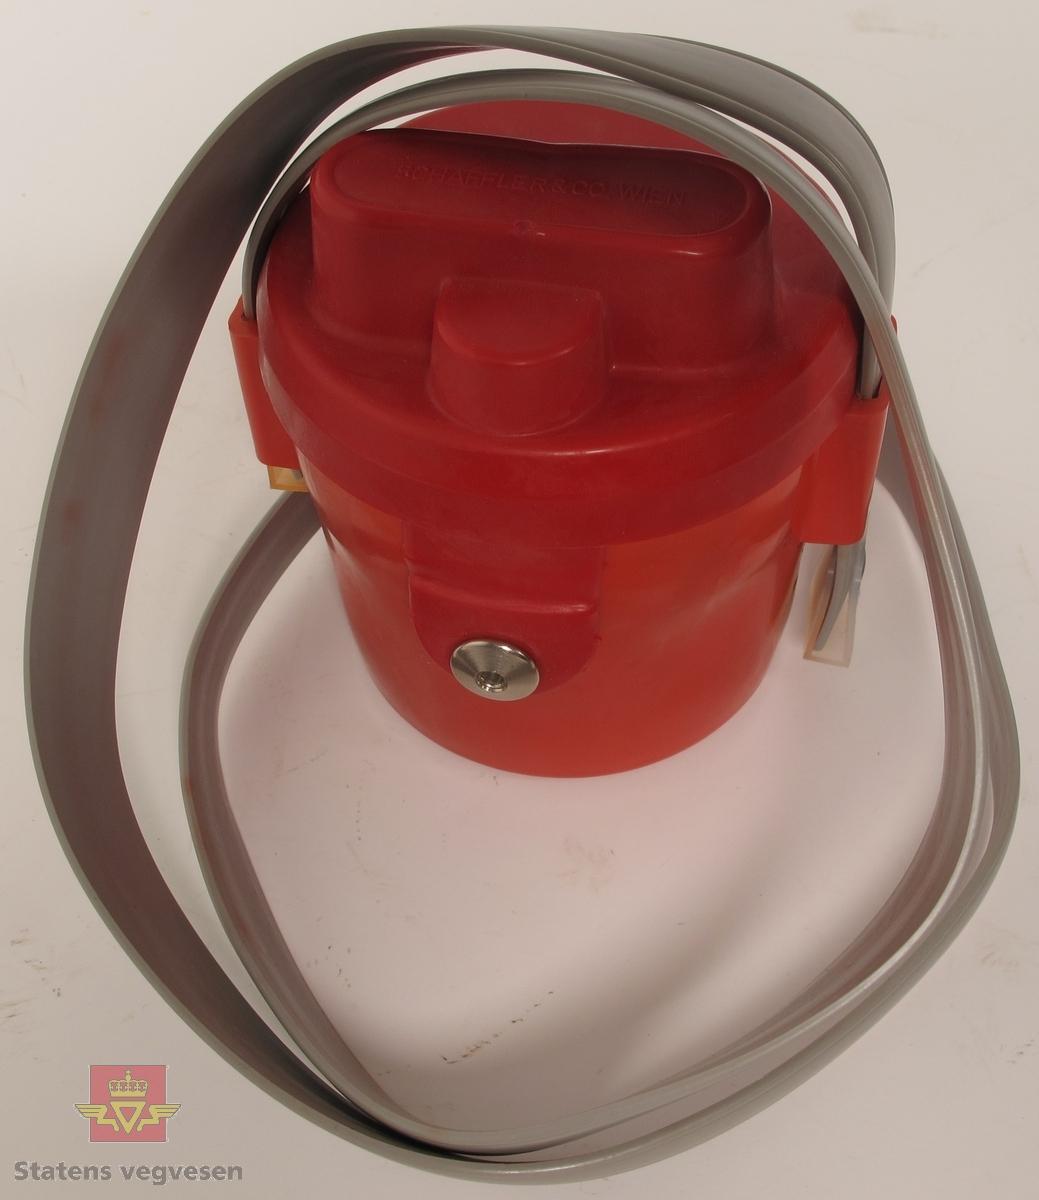 Ohmmeter i rødt hus av metall, dekket med gummi. Har to tilkoblingspunkter for ledning og bærereim av grå plast. Målevindu med nål som viser verdier fra 0 til 500 ohm. Har innskrift på lokket SCHAFFLER & CO, WIEN og påskrift på instrumentet DREMONIA/S 1983 SCHAFFLER & CO WIEN 303171 1V 5 mA.